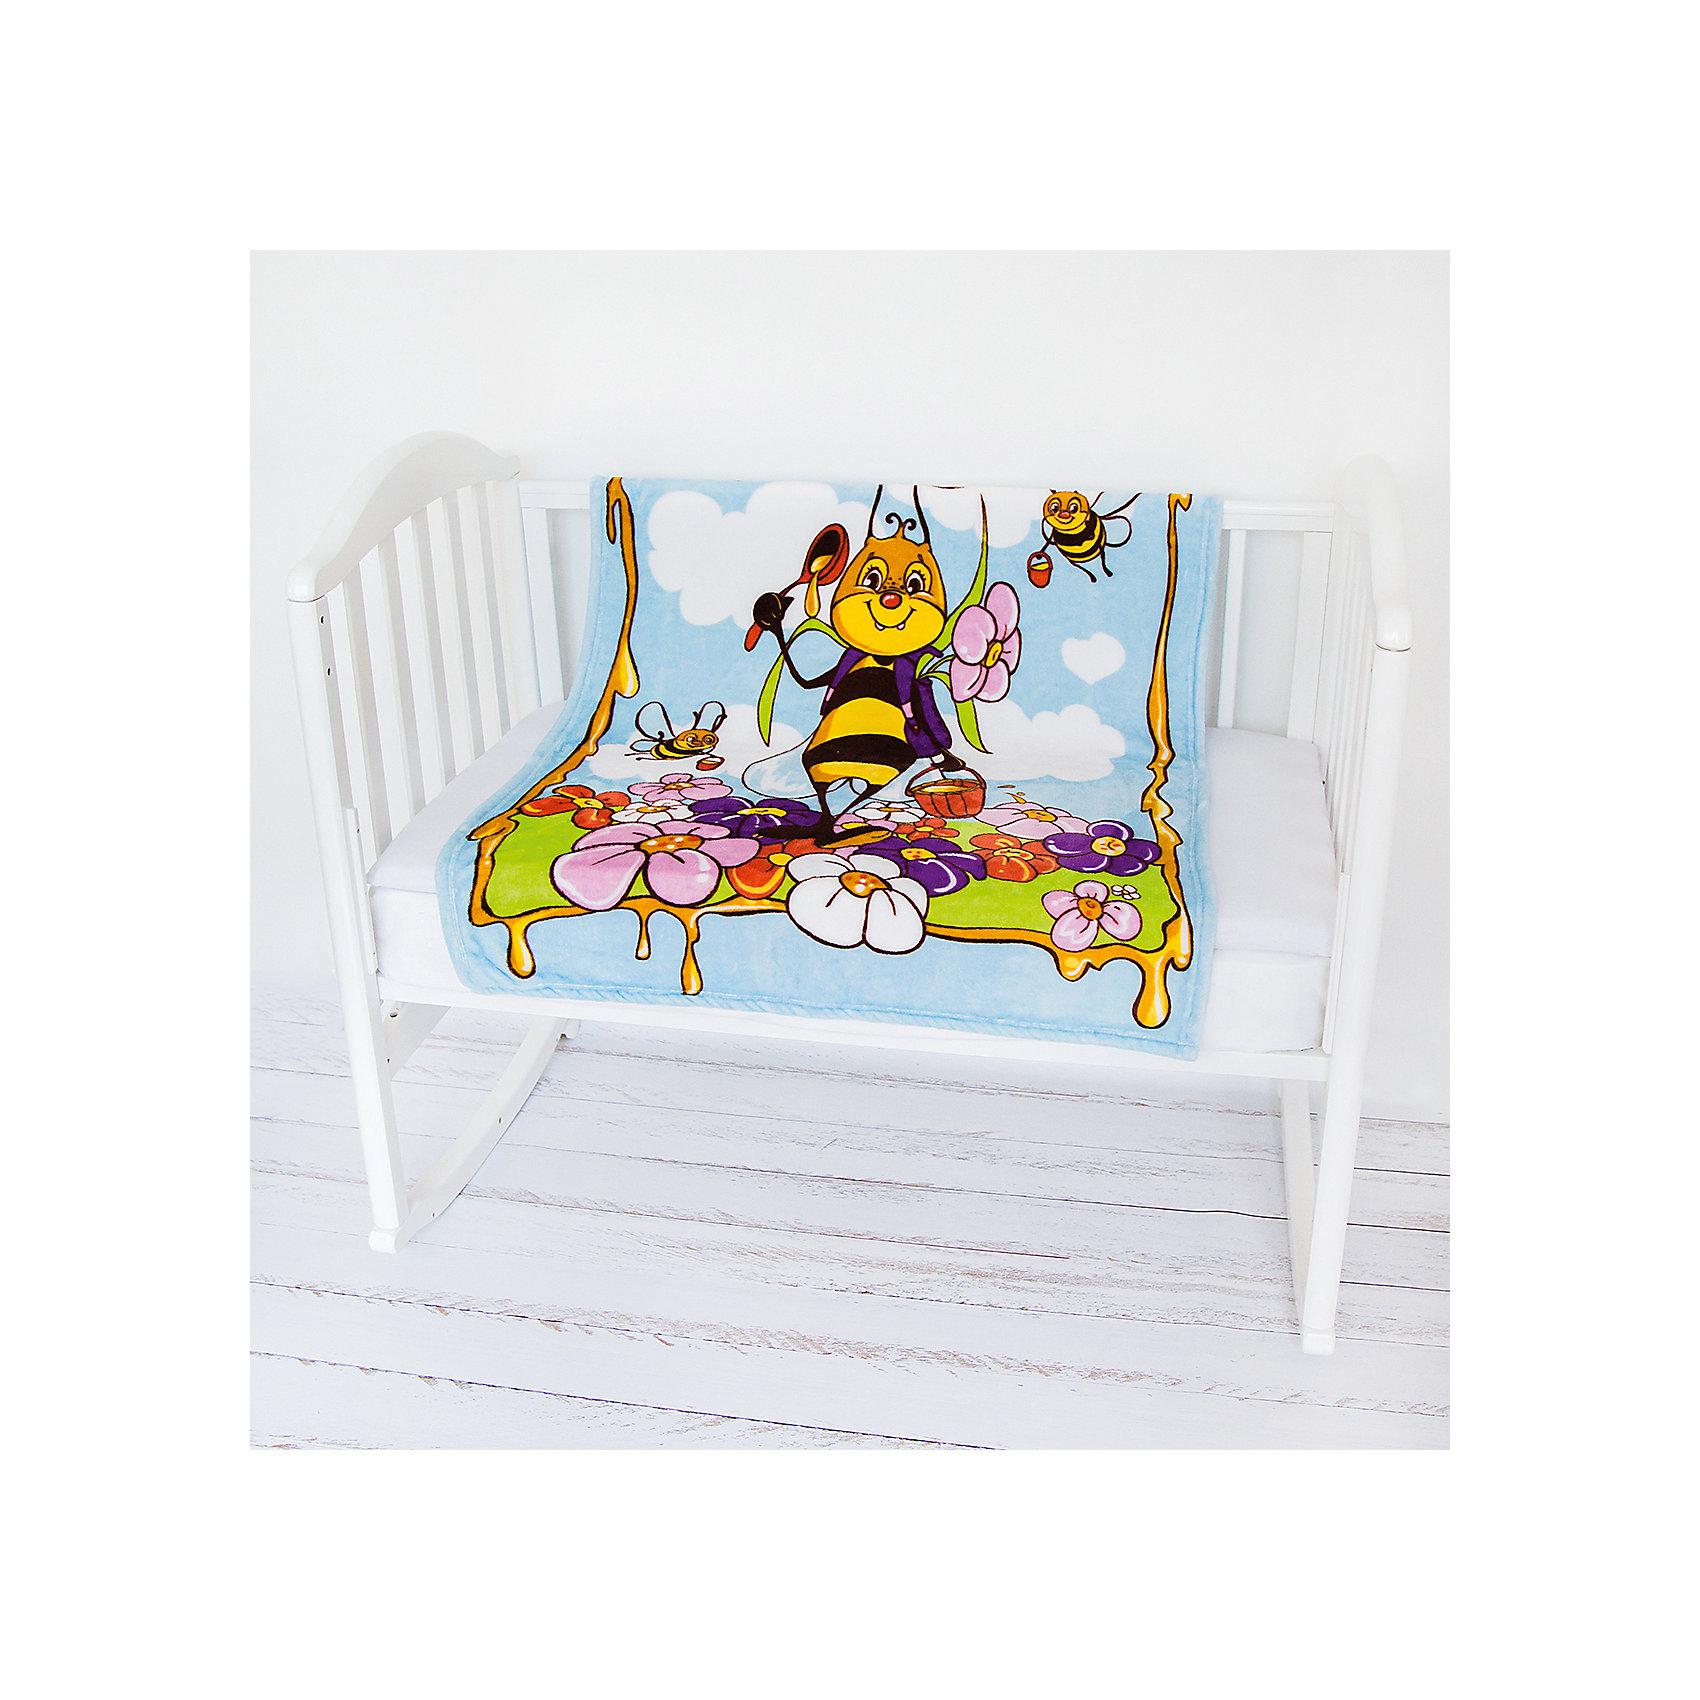 Плед- покрывало Micro Flannel, 100х118 см., Baby Nice, пчелы/голубойОдеяла, пледы<br>Нежные, очень комфортные к телу пледы-покрывала Micro FLANNEL детские — из нового необыкновенно мягкого и уютного, бархатистого, как плюшевая игрушка, материала — легкая воздухопроницаемая ткань, обладающая влагорегулирующими и терморегулирующими свойствами. Micro FLANNEL поддерживает температурный баланс, надежно сохраняет тепло, не раздражает кожу, является гипоаллергенным. Этот материал, достаточно новый для России, благодаря своему высокому качеству и необыкновенным потребительским свойствам, успел завоевать заслуженное признание за рубежом, особенно в Европе; обладает антипиллинговым свойством, не впитывает запахи, легок в стирке, не усаживается, быстро сохнет. Гипоаллергенными красителями нанесены эксклюзивные рисунки 3D.<br><br>Ширина мм: 200<br>Глубина мм: 150<br>Высота мм: 20<br>Вес г: 250<br>Возраст от месяцев: 0<br>Возраст до месяцев: 12<br>Пол: Унисекс<br>Возраст: Детский<br>SKU: 6885019